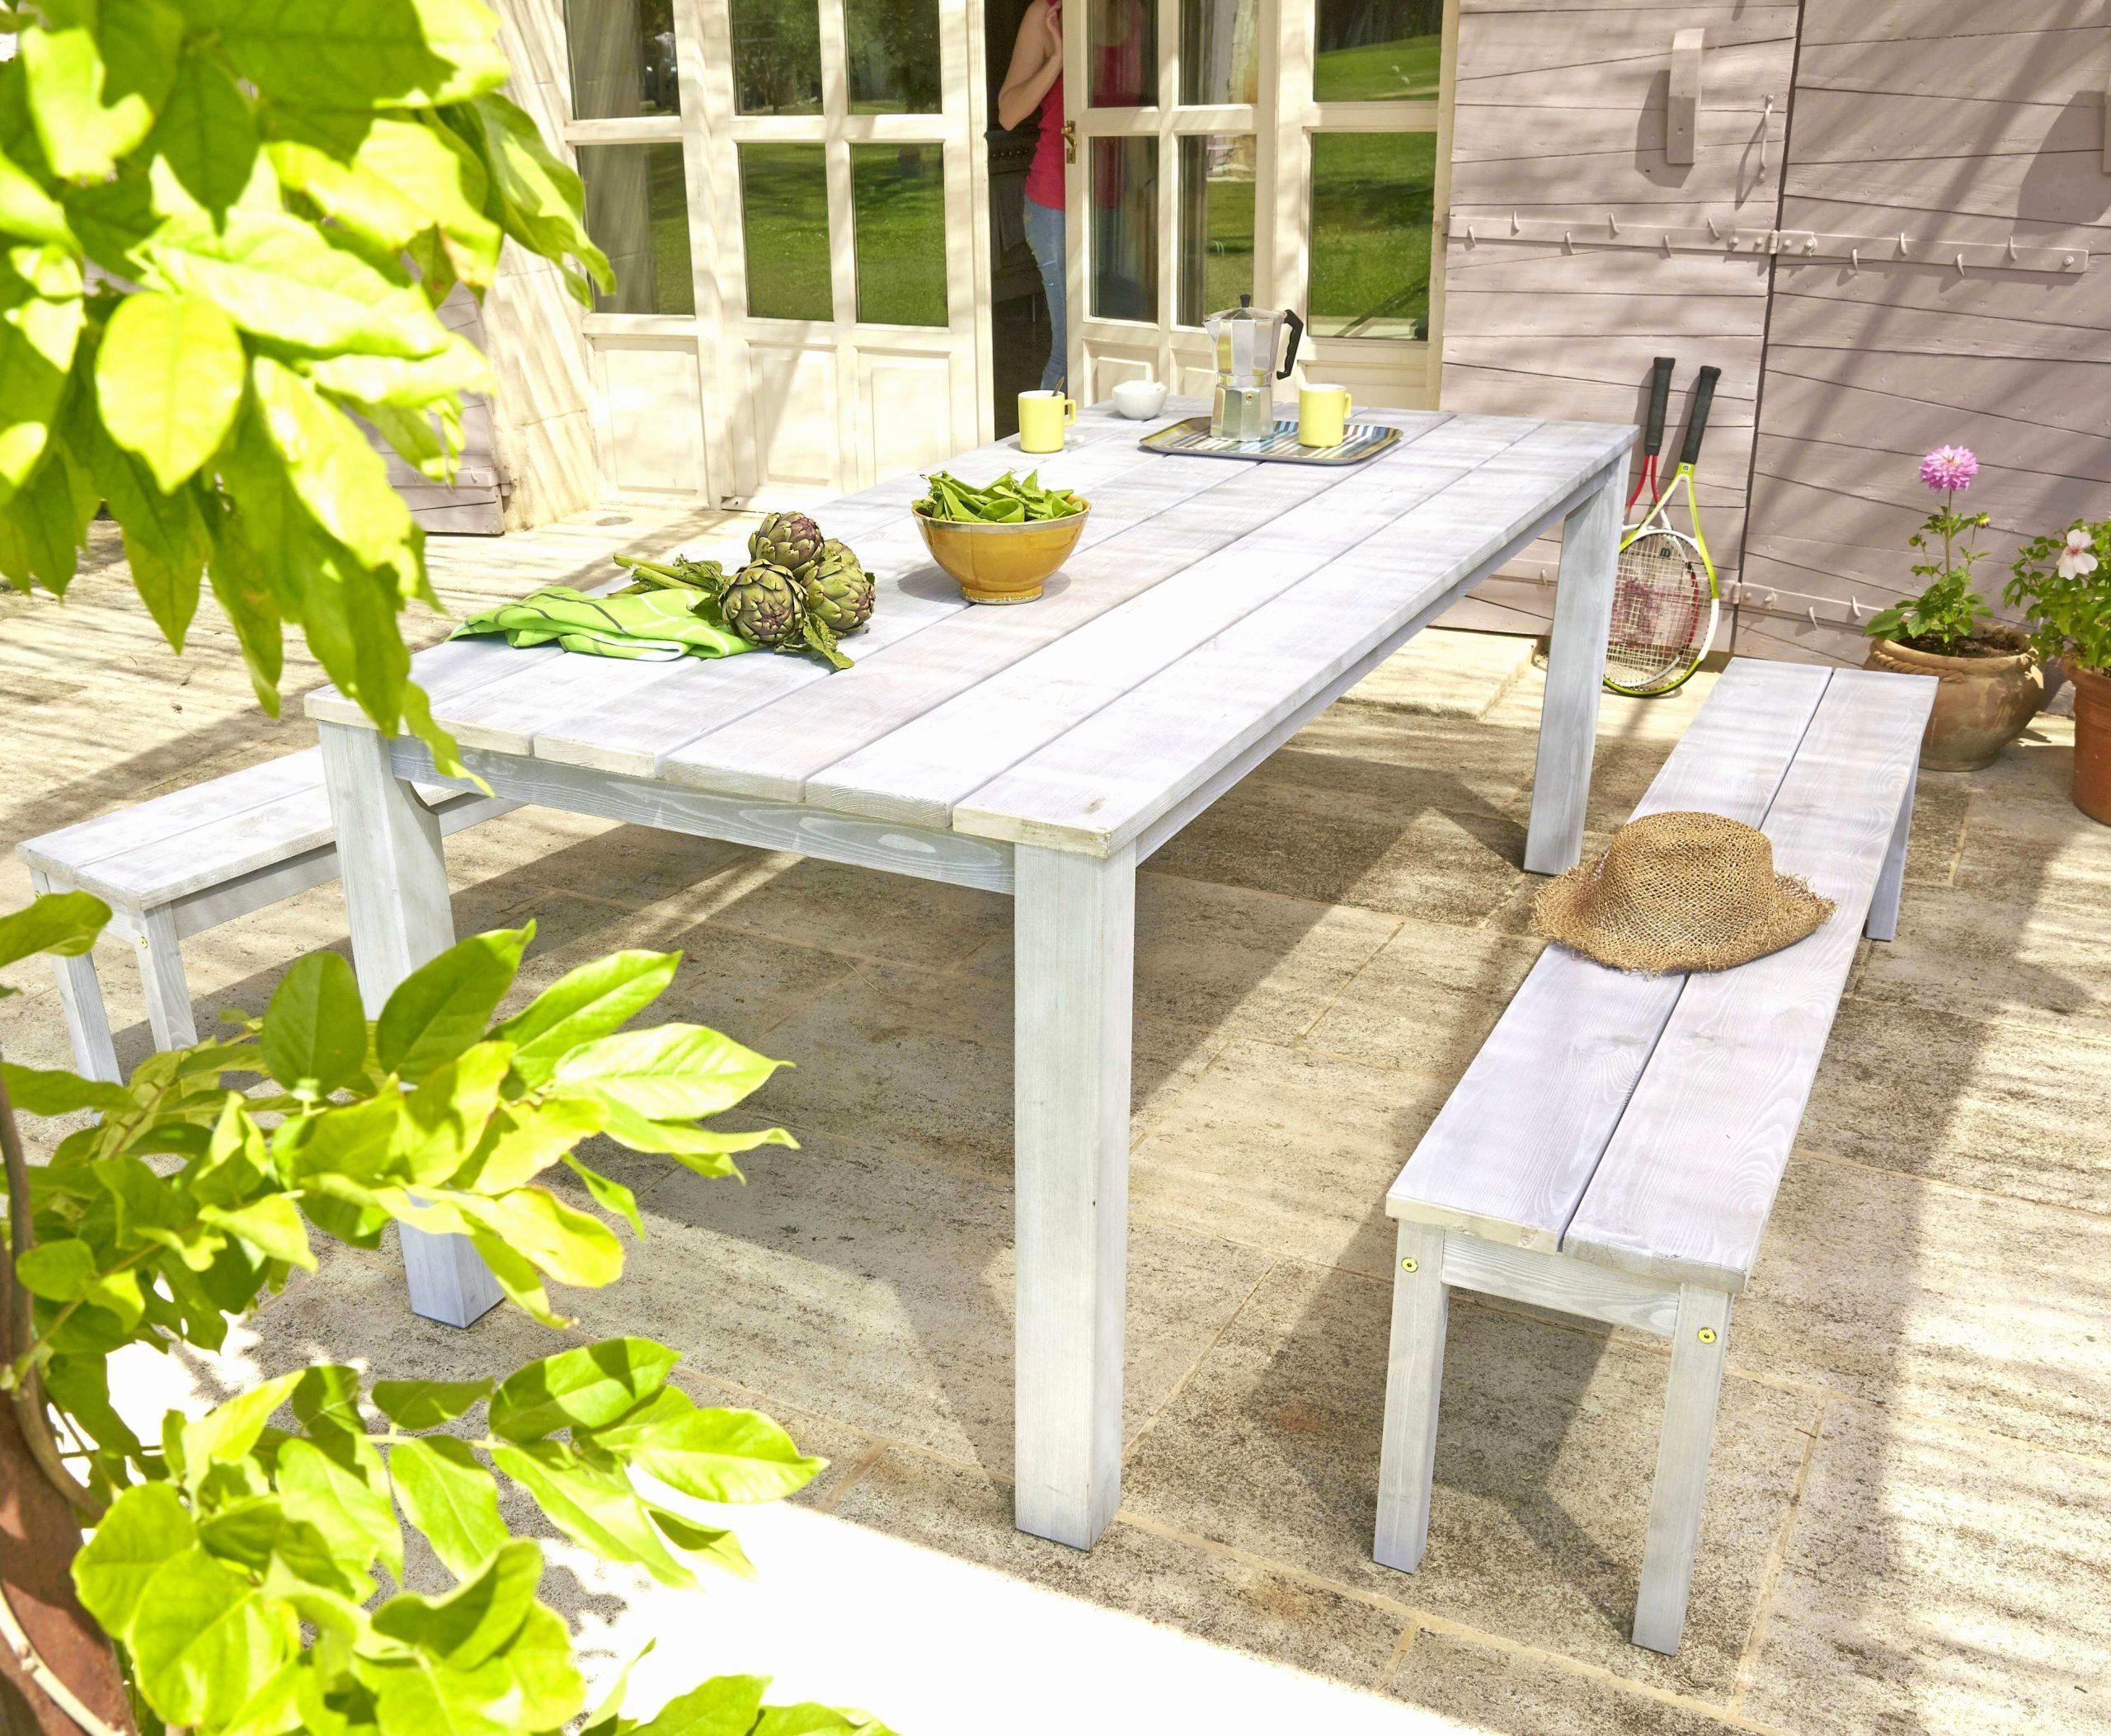 Salon De Jardin Intermarche 2018 Luxe Inspirational ... concernant Salon De Jardin Intermarché